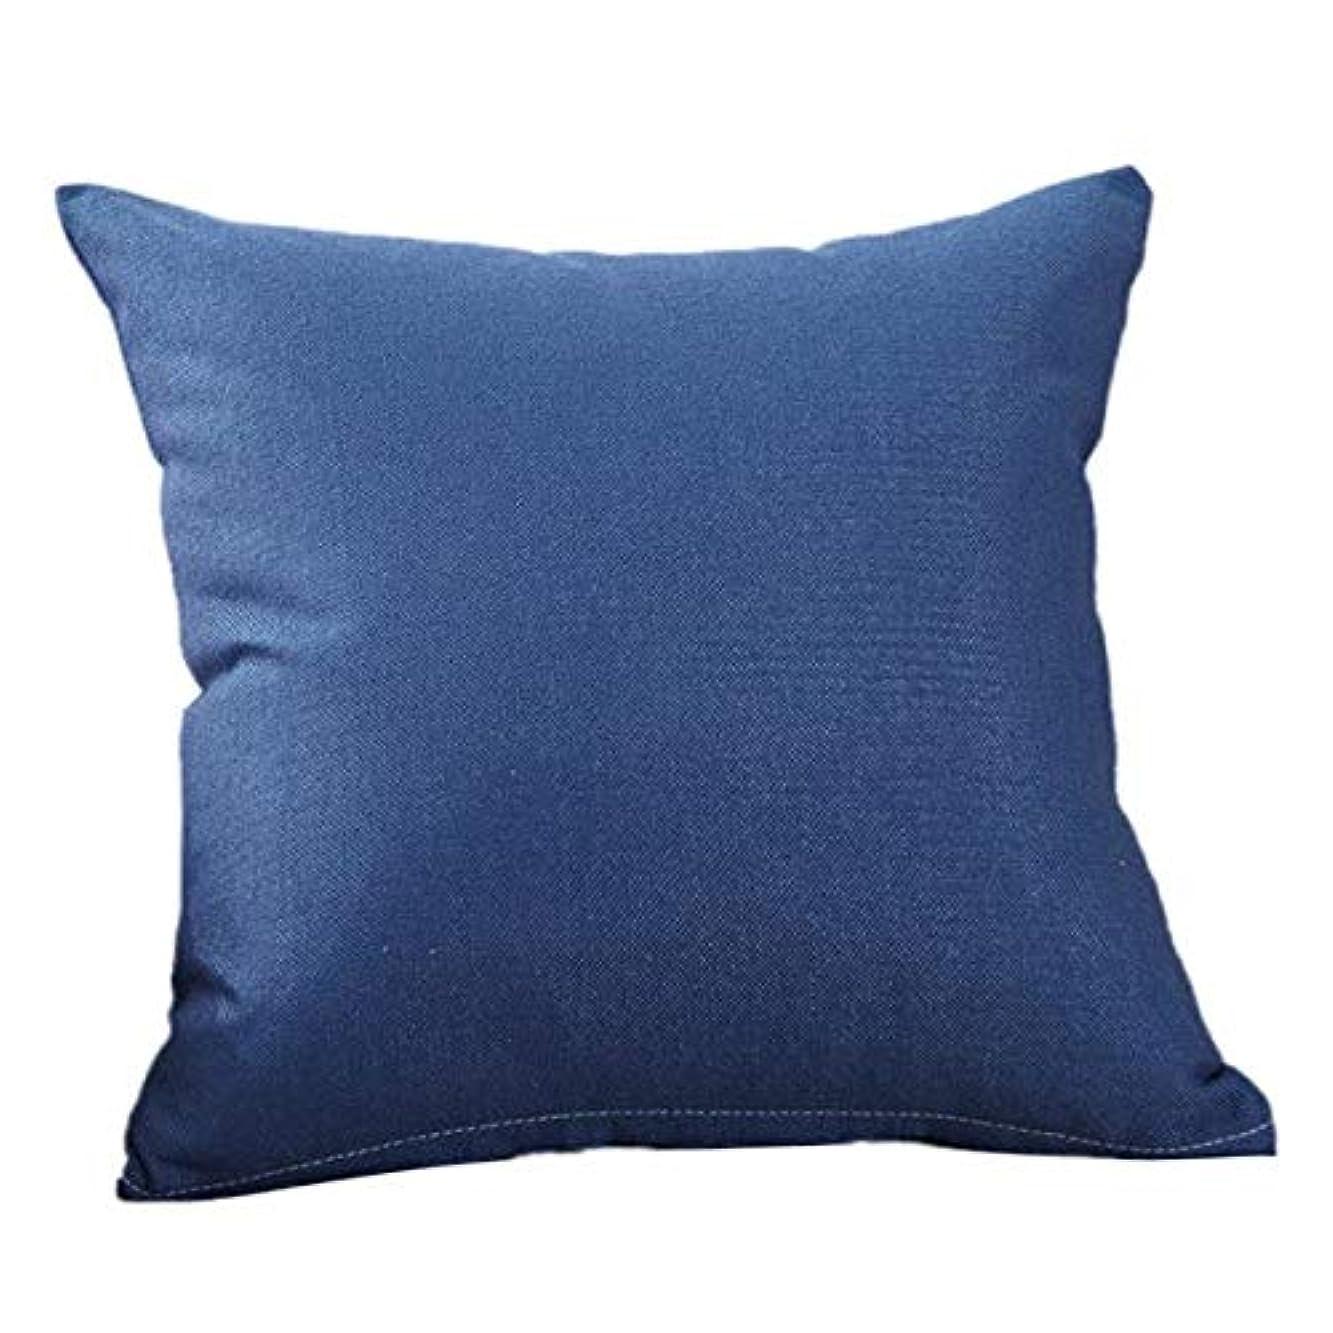 インターネット救い詳細にLIFE クリエイティブシンプルなファッションスロー枕クッションカフェソファクッションのホームインテリア z0403# G20 クッション 椅子